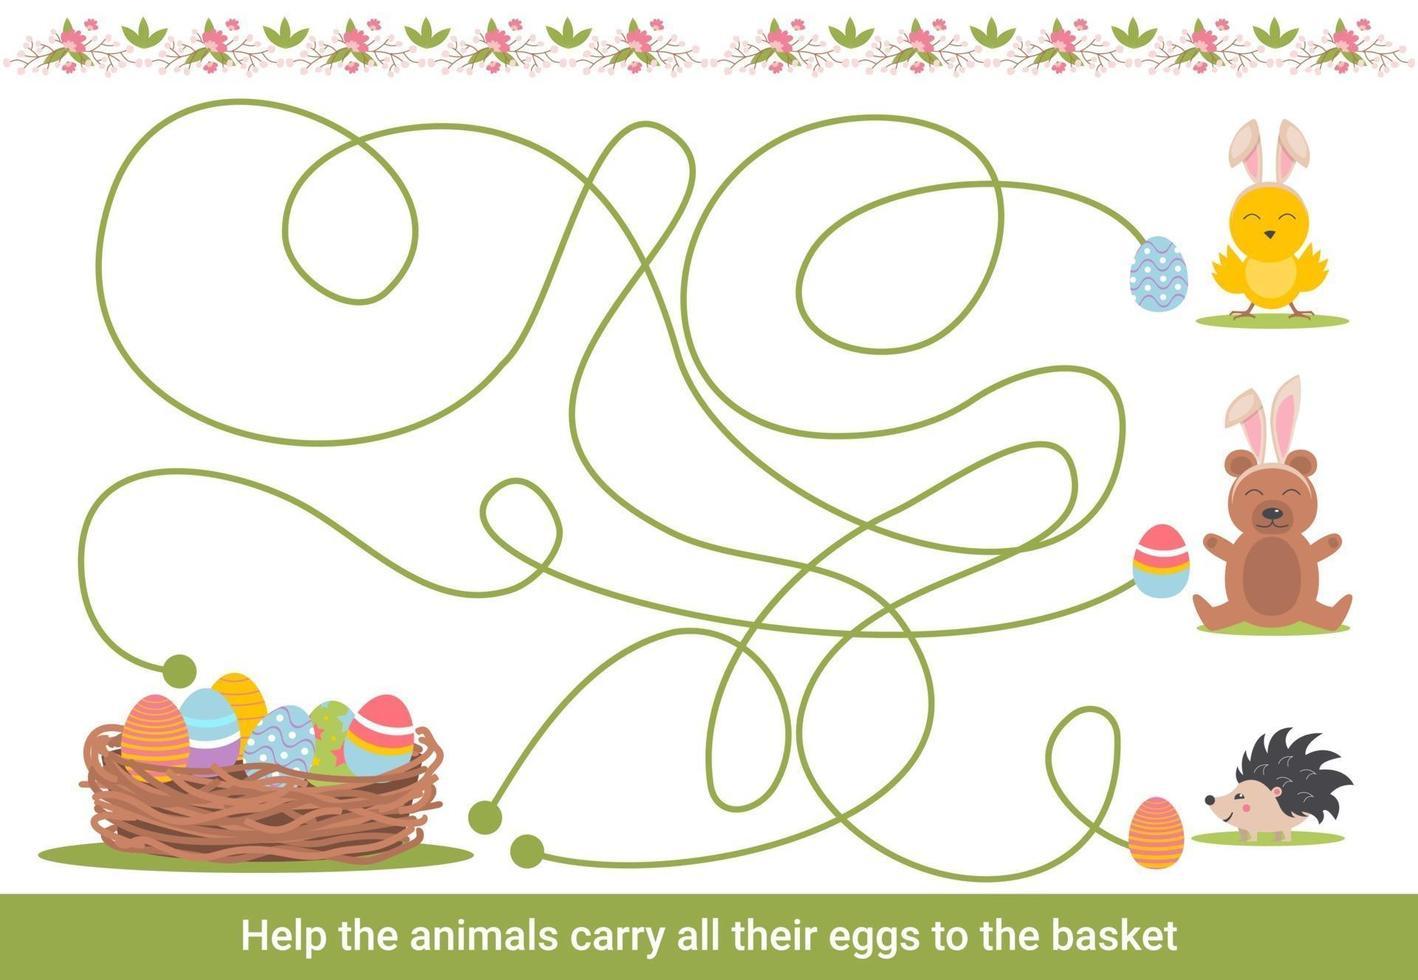 påsk labyrint för barn. förskolejulaktivitet. vårpusselspel med söta djur. vektor